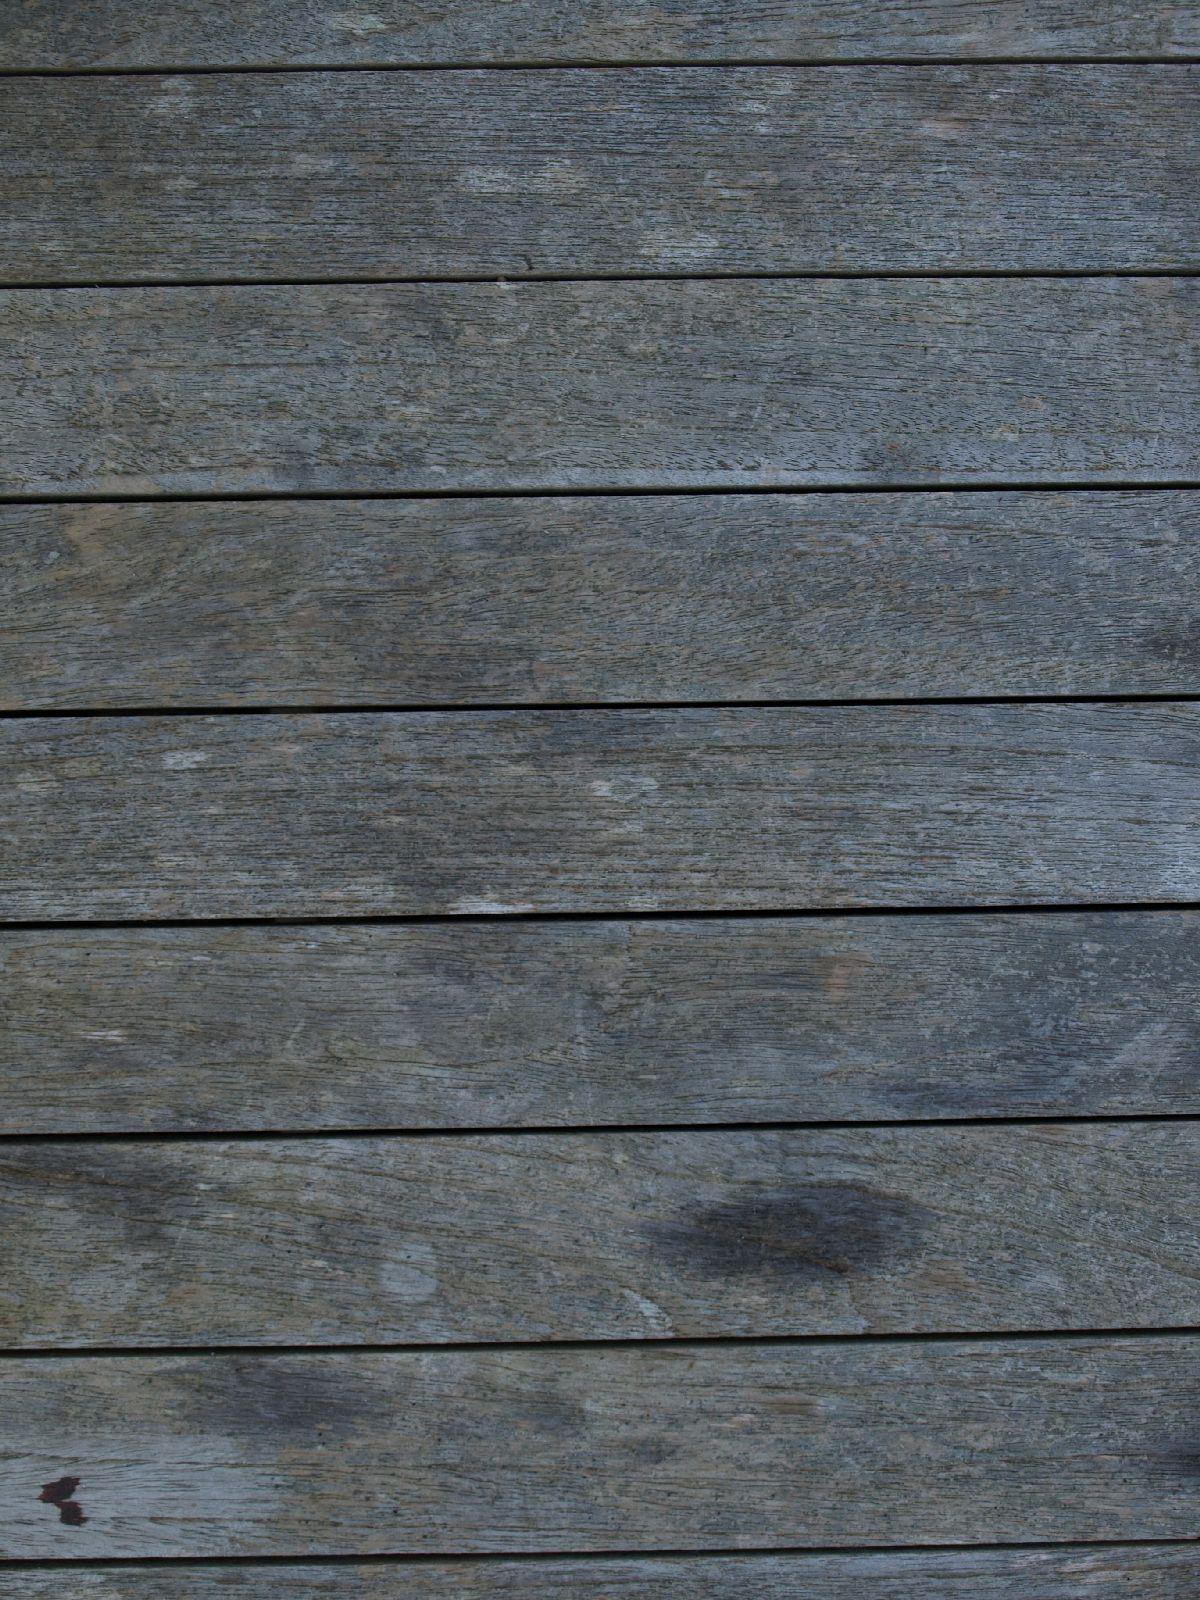 Holz_Textur_A_P9114831